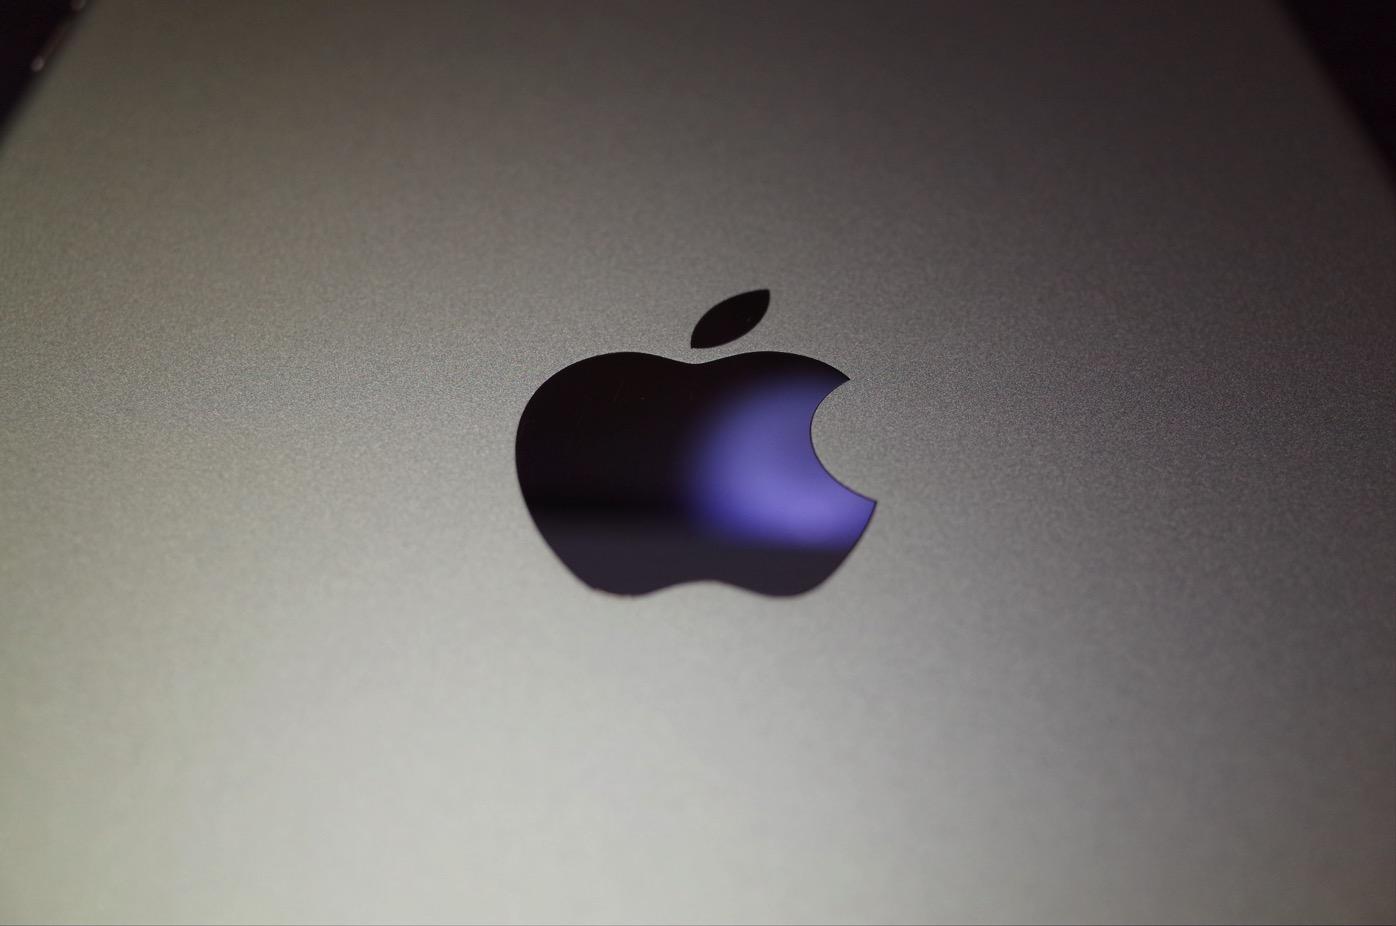 [Apple][iPad]心待ちにしていた「iPad mini 4」が届いたので早速開封の儀を行ってみたよ